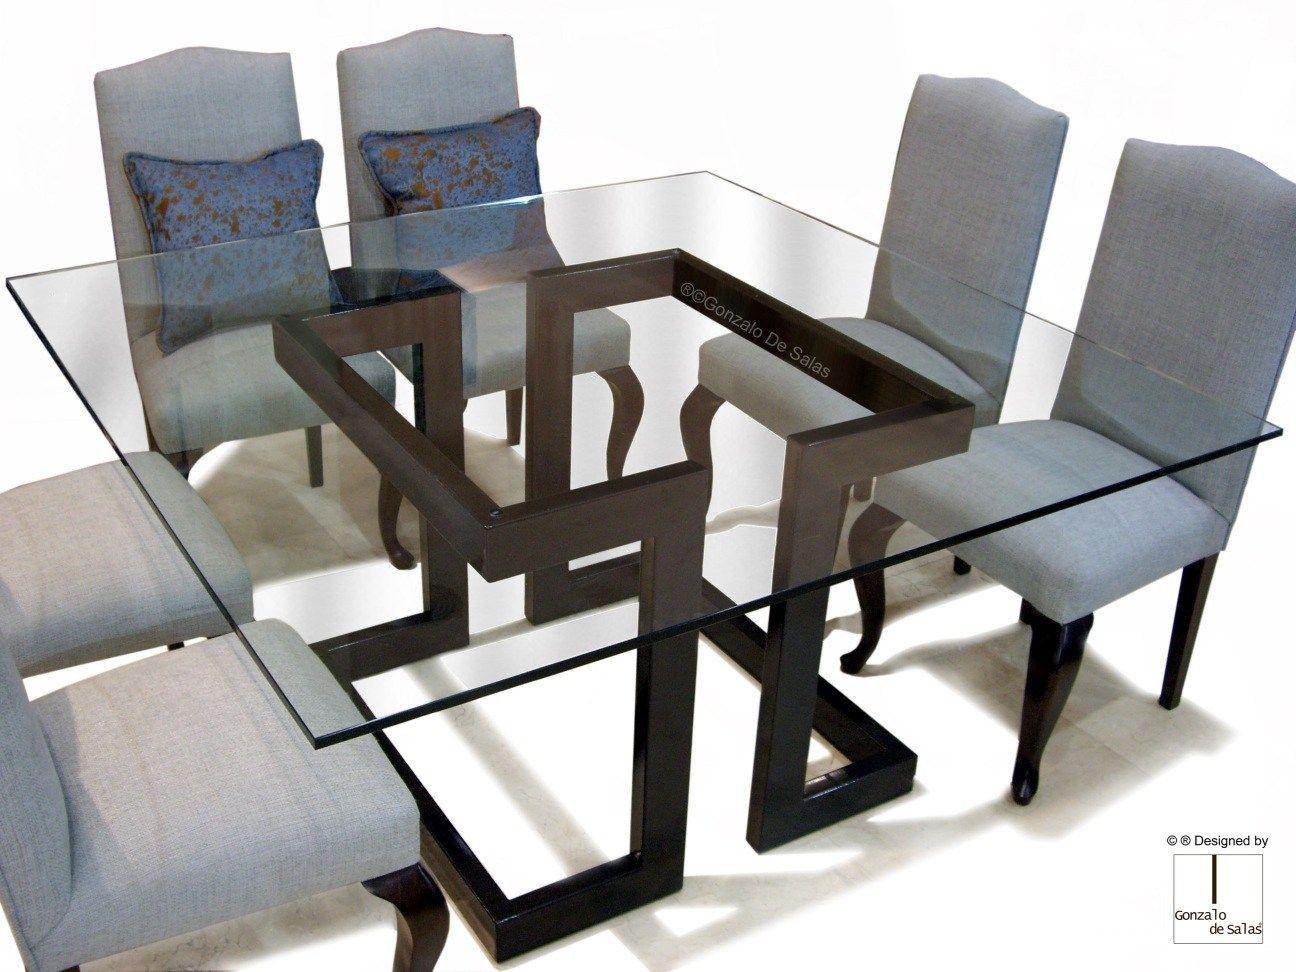 Lisa mesa cuadrada by gonzalo de salas for Mesas de comedor cuadradas de diseno